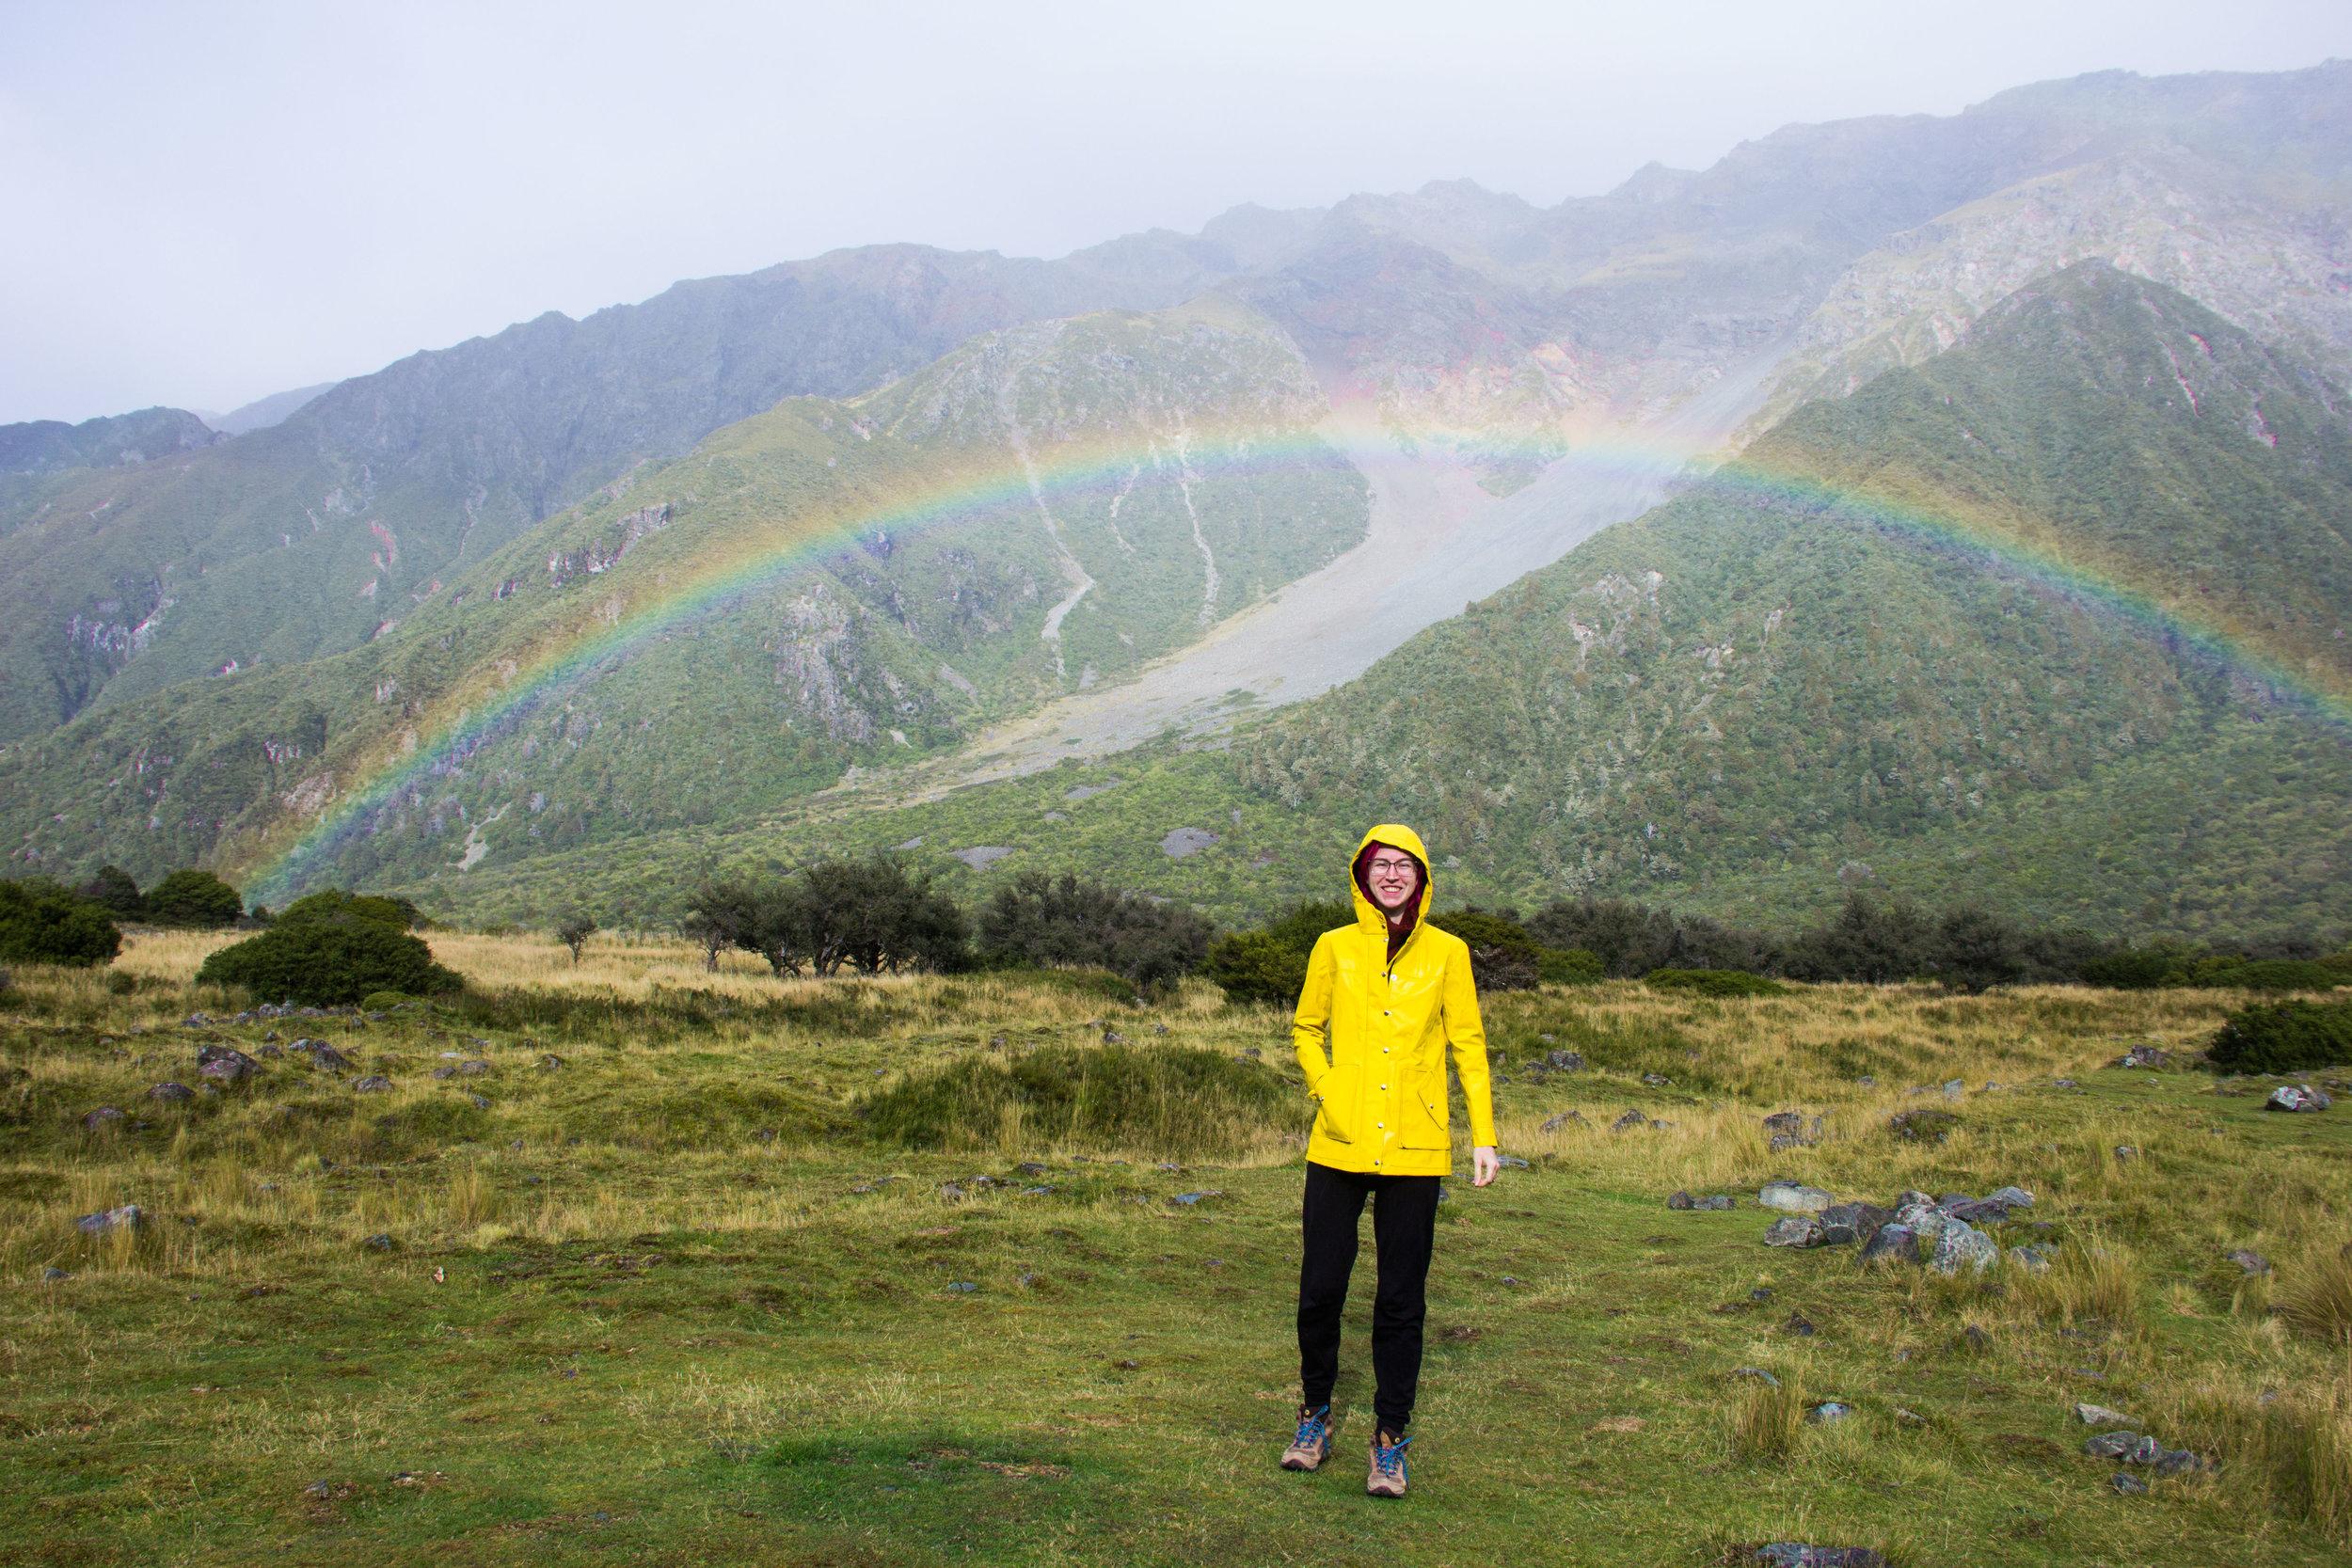 mt cook rainbow kelly anorak